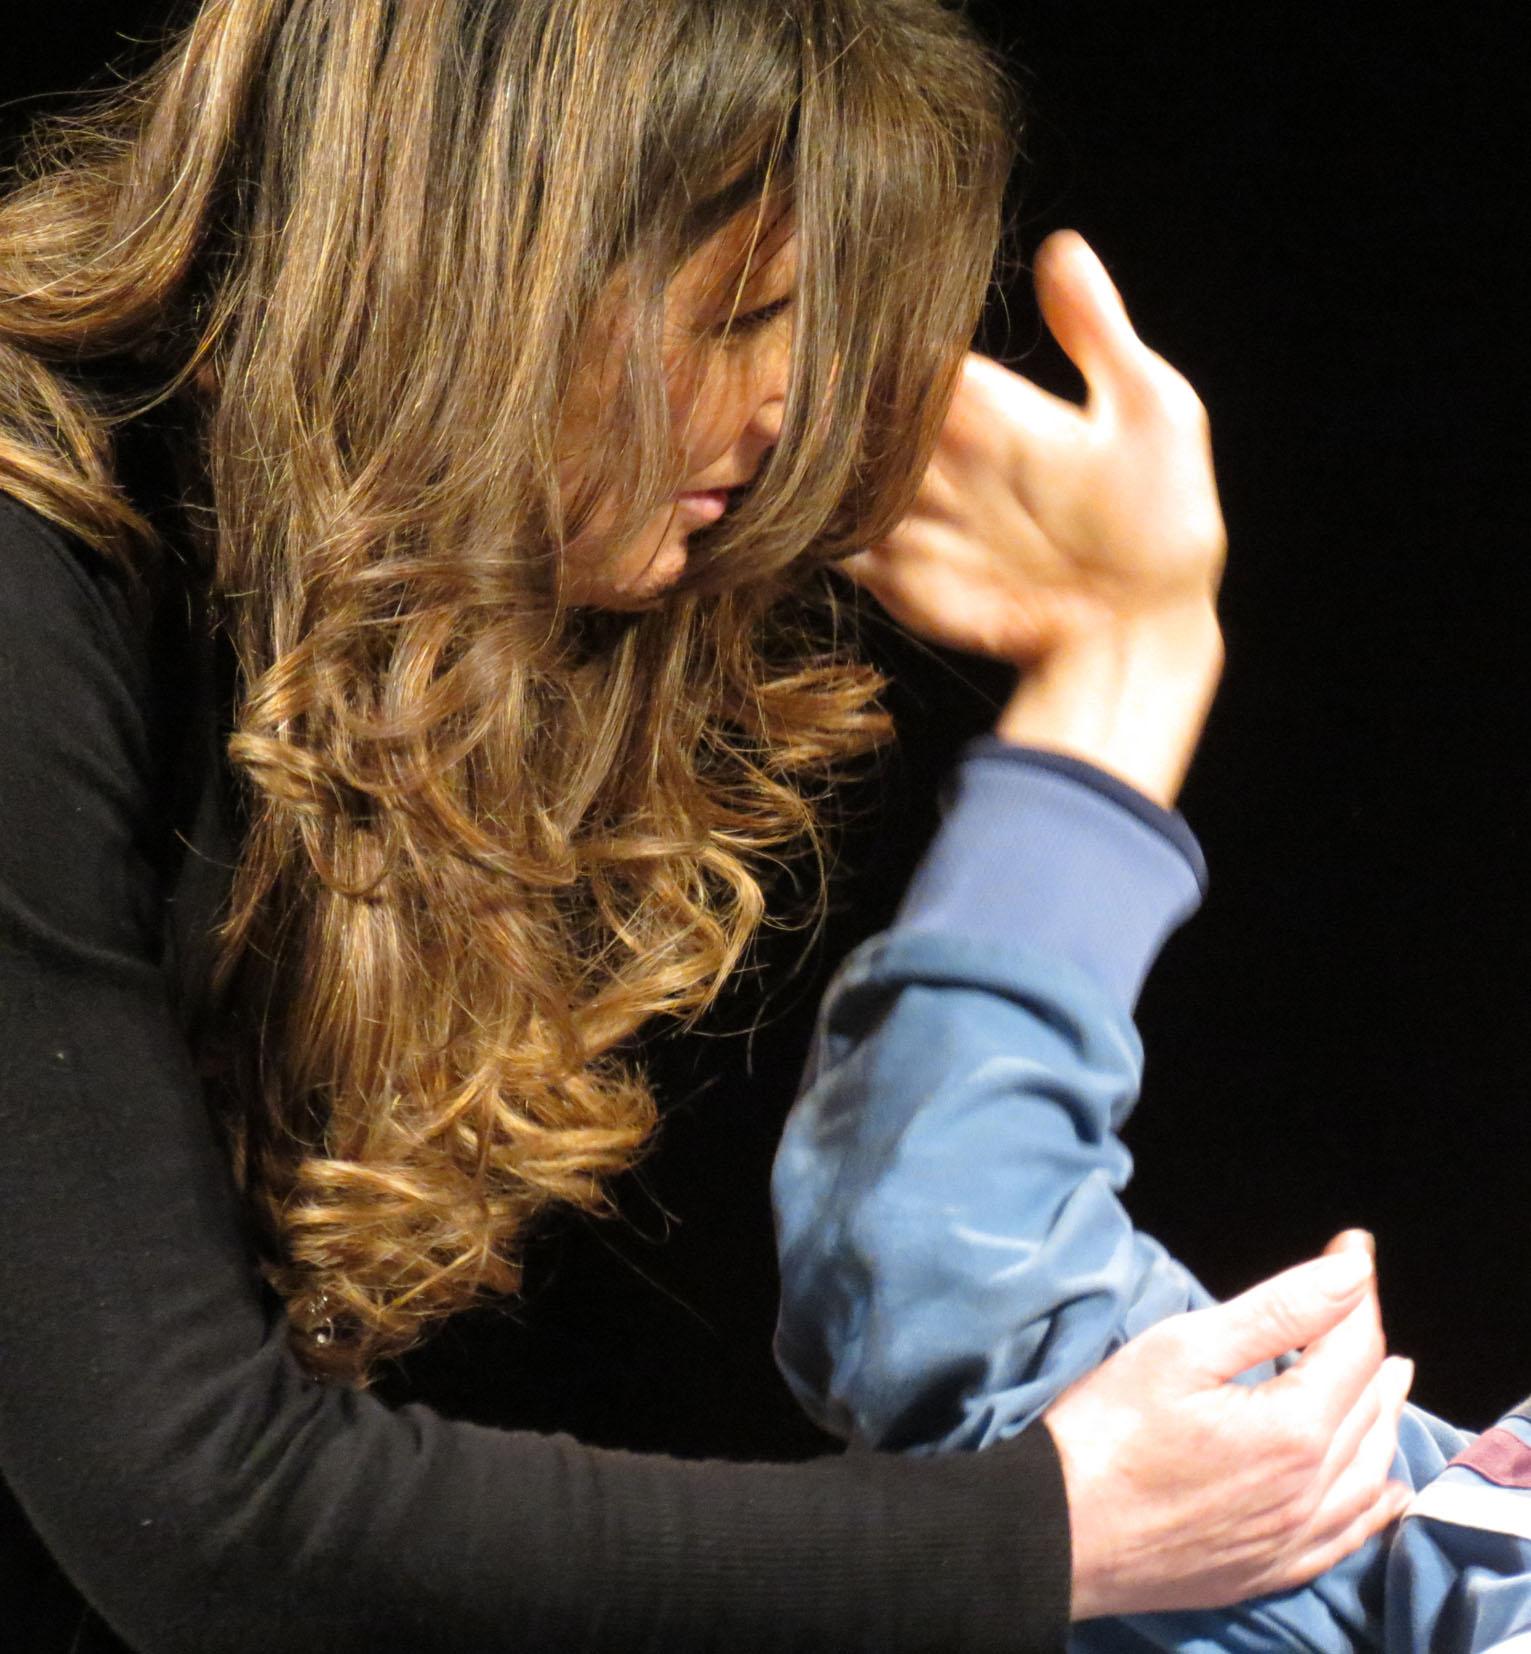 Attori disabili utenti dei servizi socio-sanitari della Vallesina incontrano la magia dell'Opera Lirica